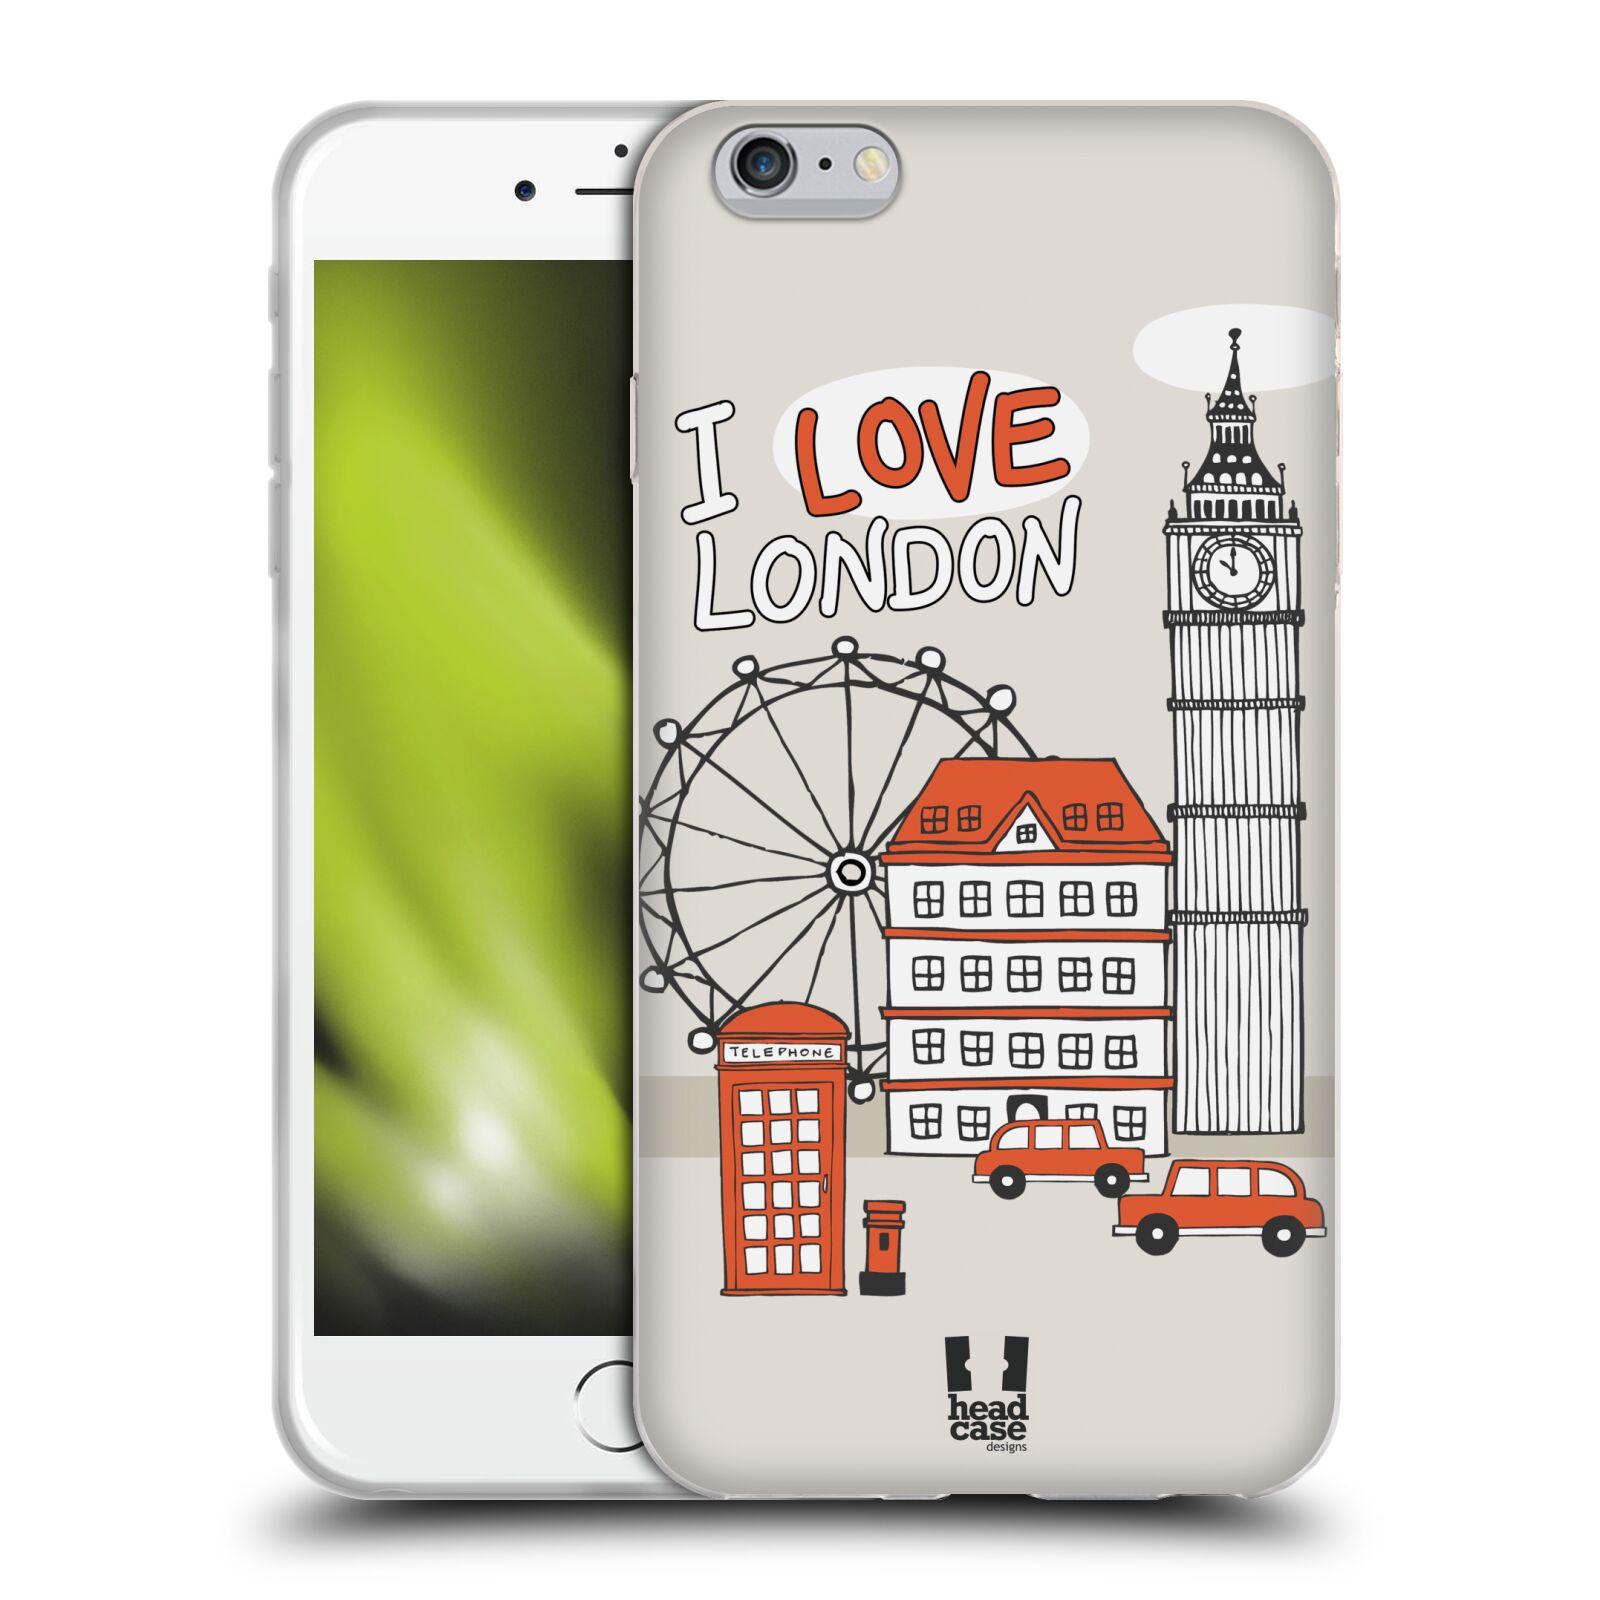 HEAD CASE silikonový obal na mobil Apple Iphone 6 PLUS/ 6S PLUS vzor Kreslená městečka ČERVENÁ, Anglie, Londýn, I LOVE LONDON